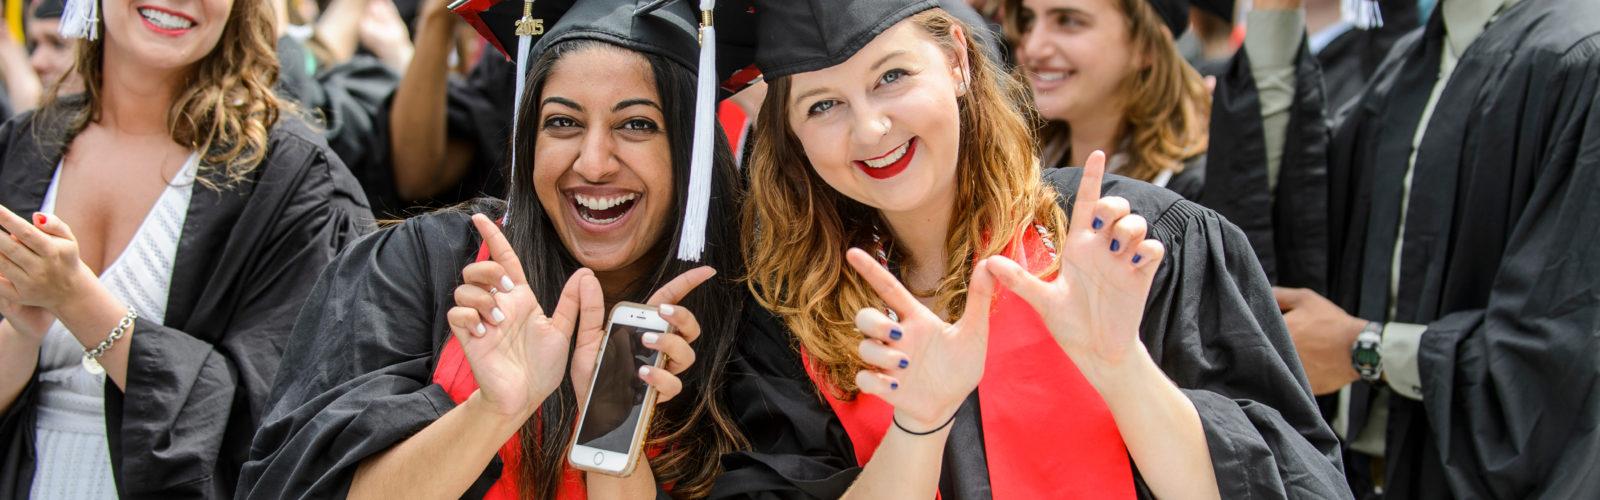 Graduation ceremony photo students